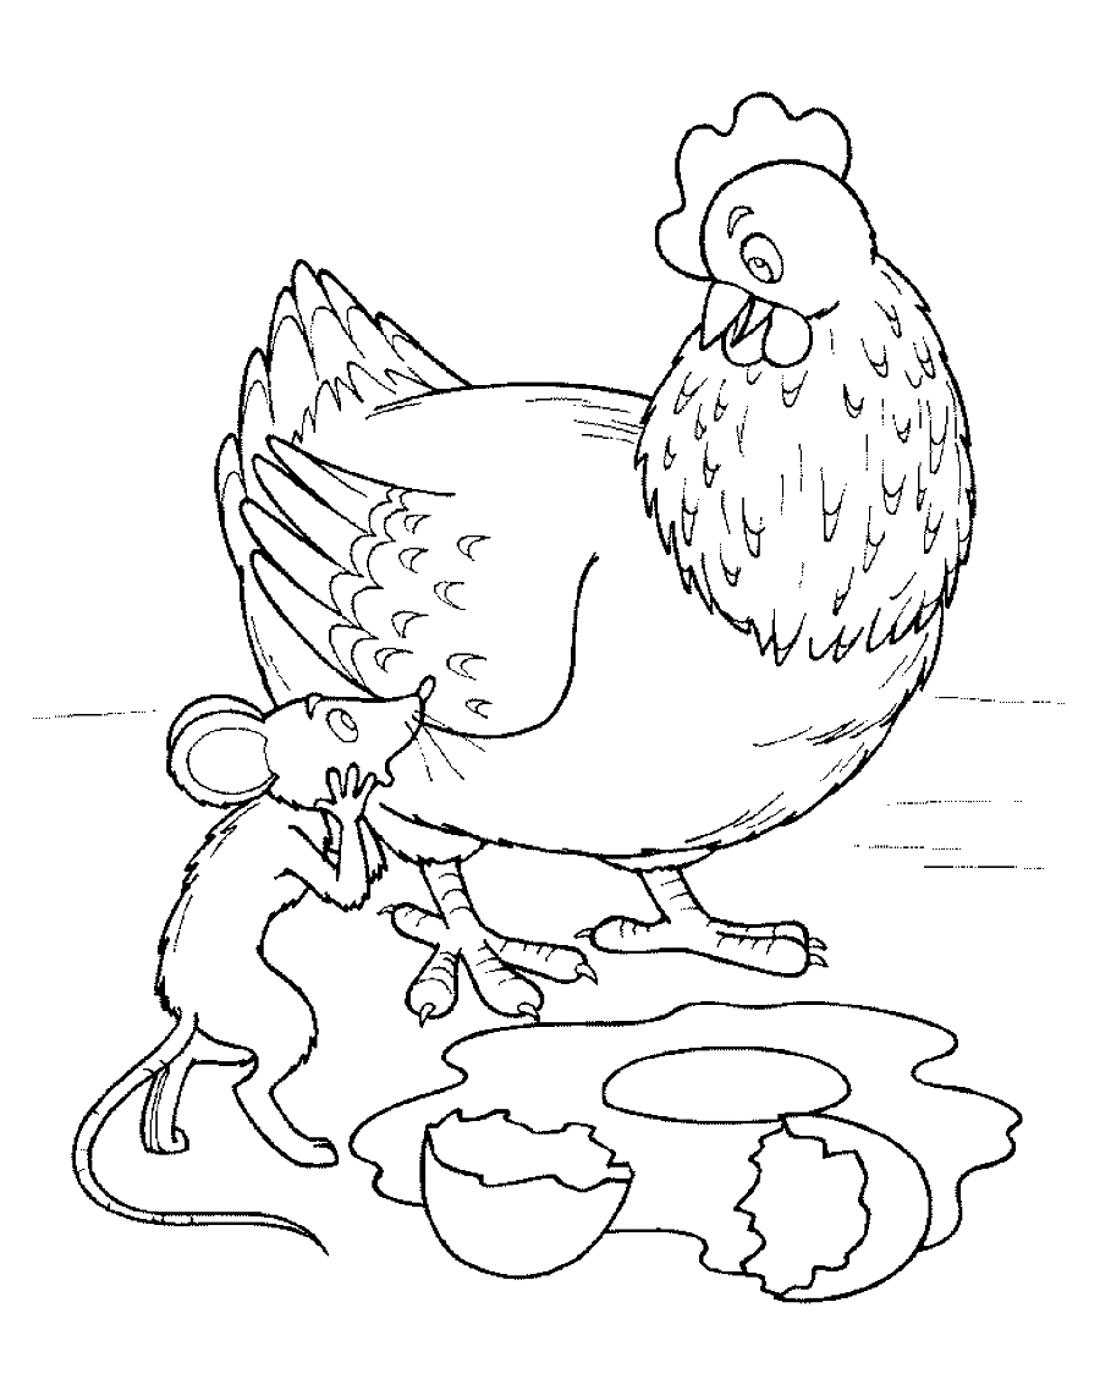 Курочка Ряба с мышкой - раскраска №723   Printonic.ru